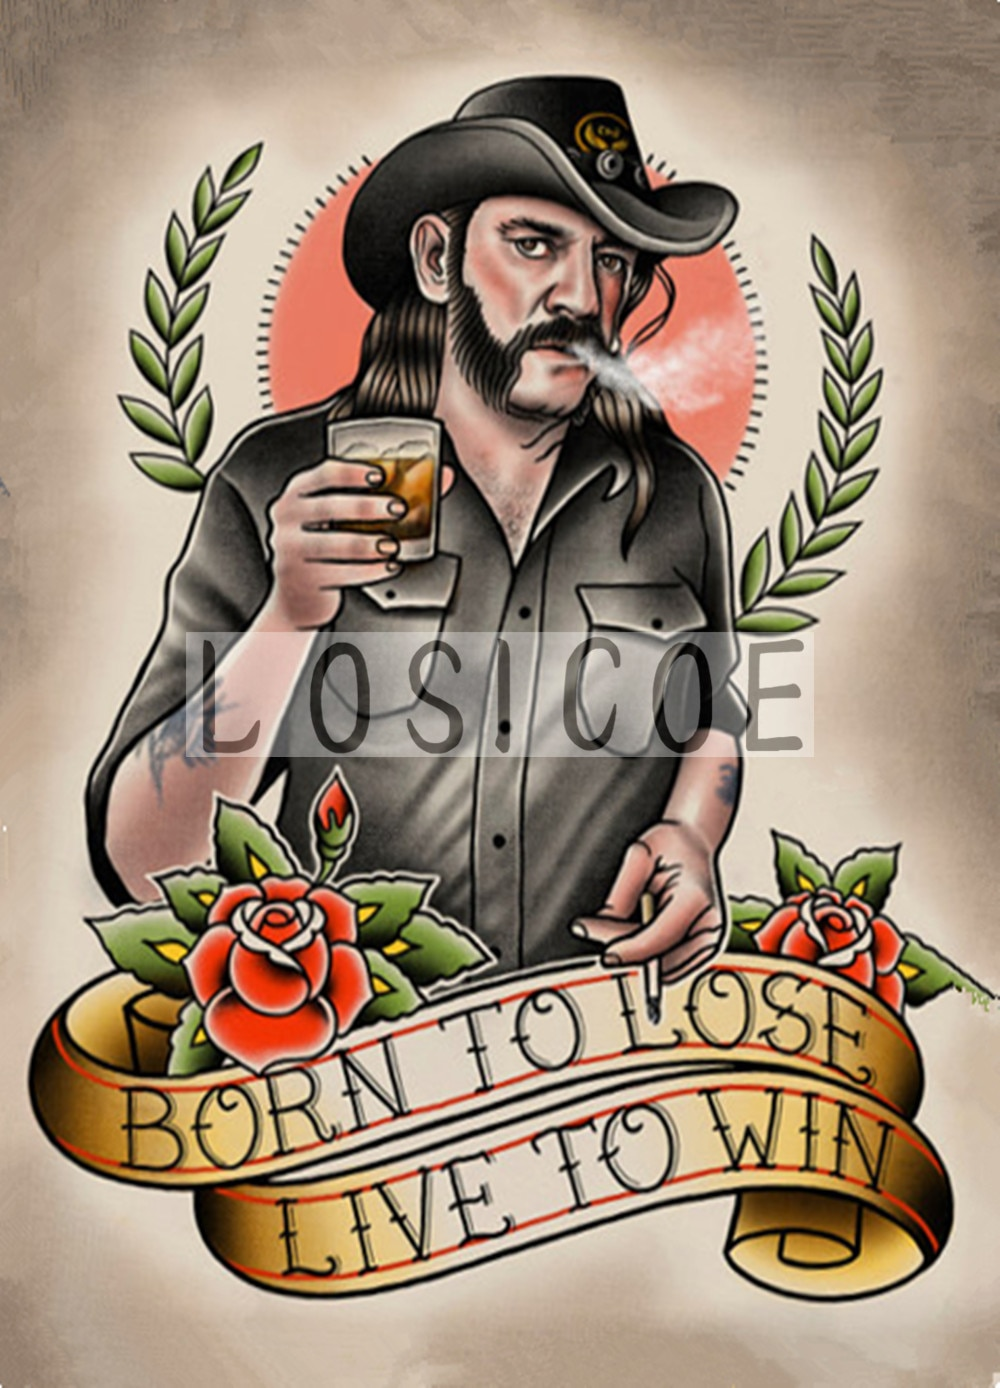 """""""BORN TO LOSE LIVE TO WIN"""" 30X42 CM nostalgia papel kraft clásico cartel sin marco pintura tatuaje decoración de pared de tienda"""